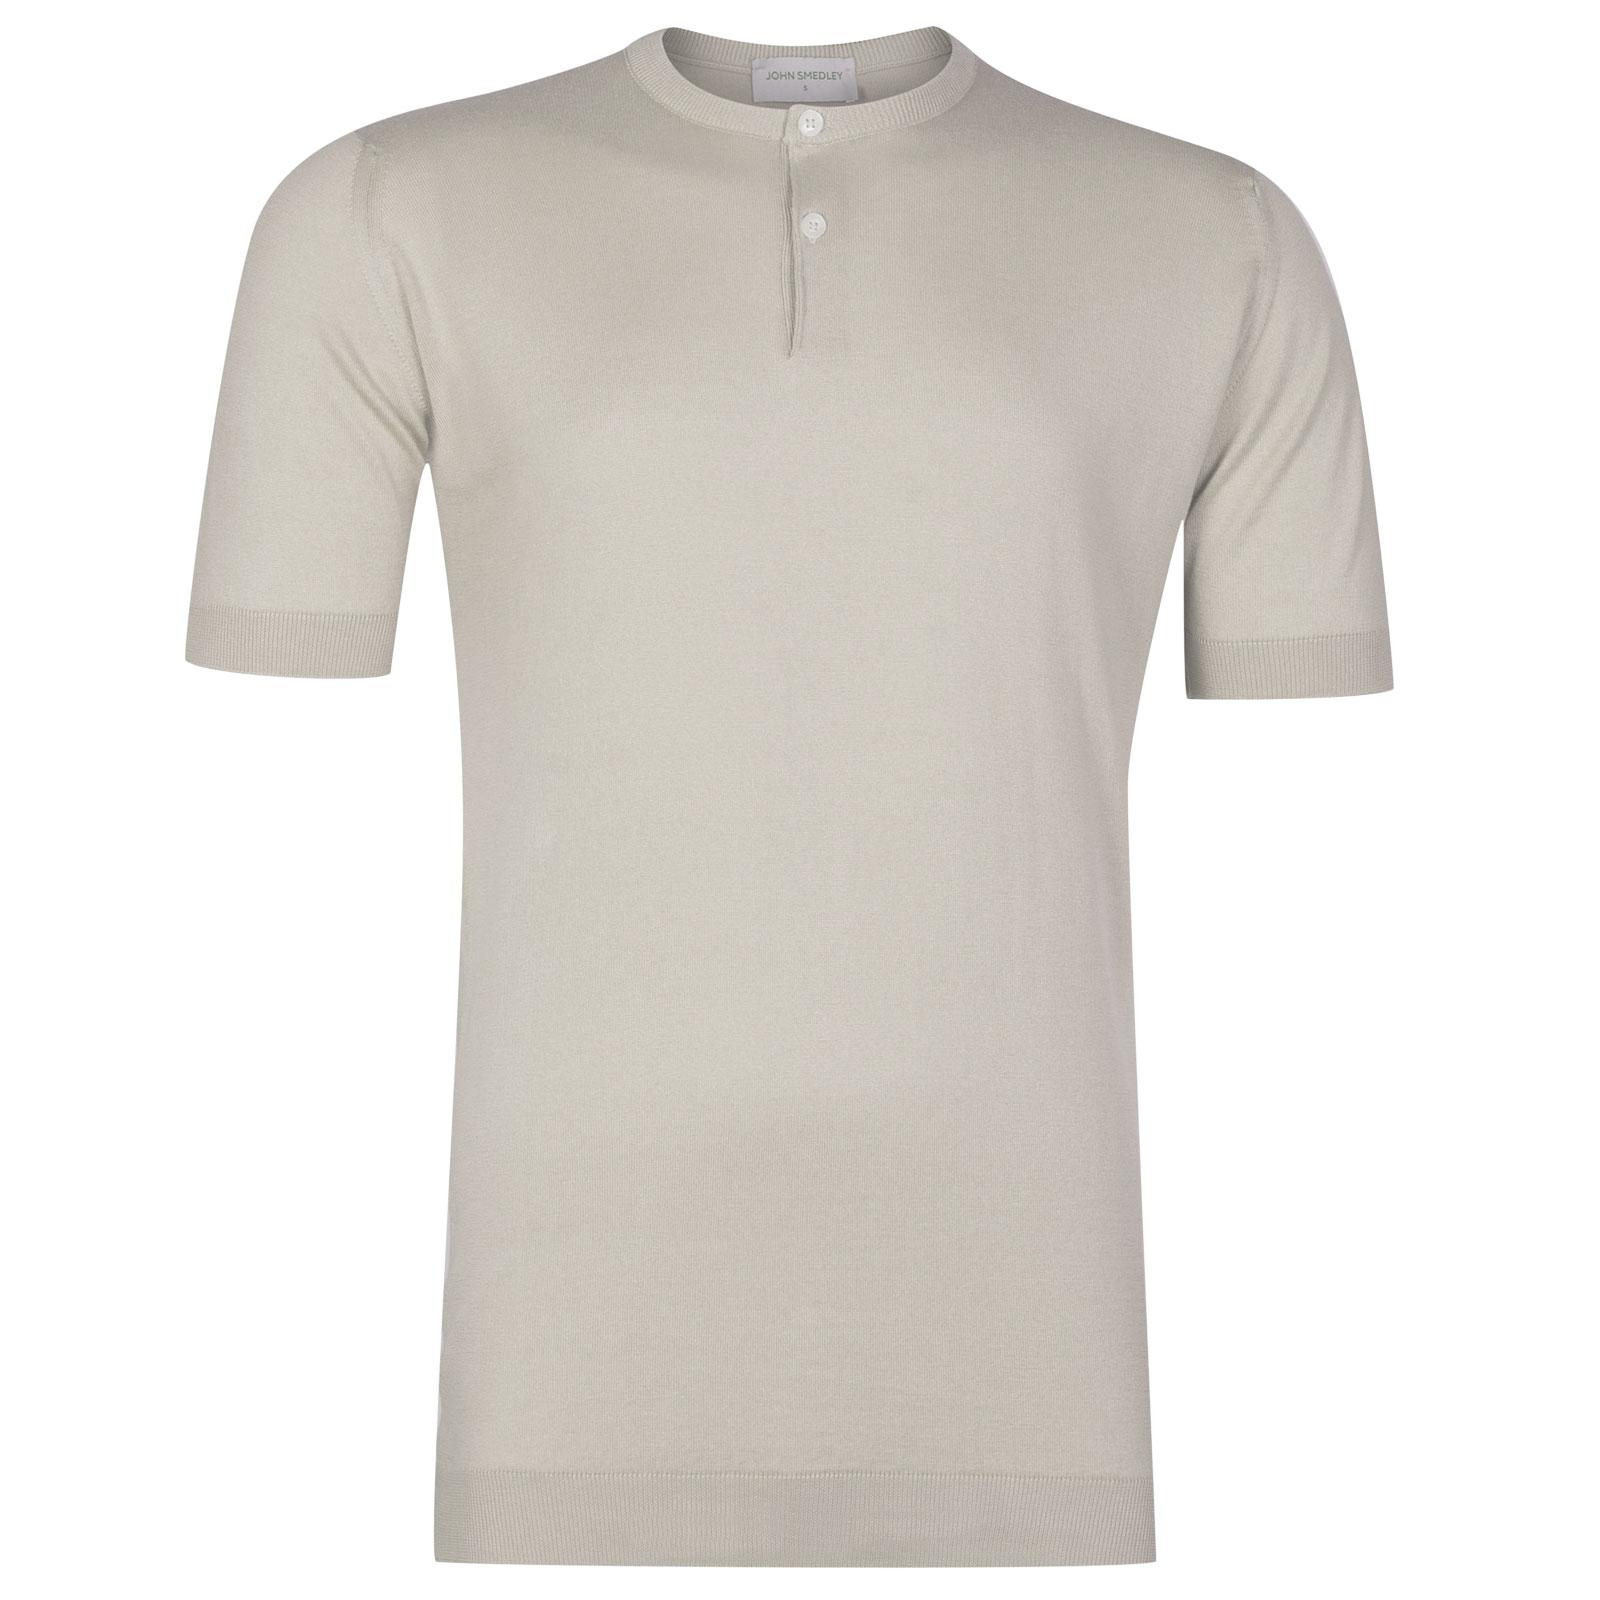 John Smedley Bennett Sea Island Cotton T-shirt in Brunel Beige-XL